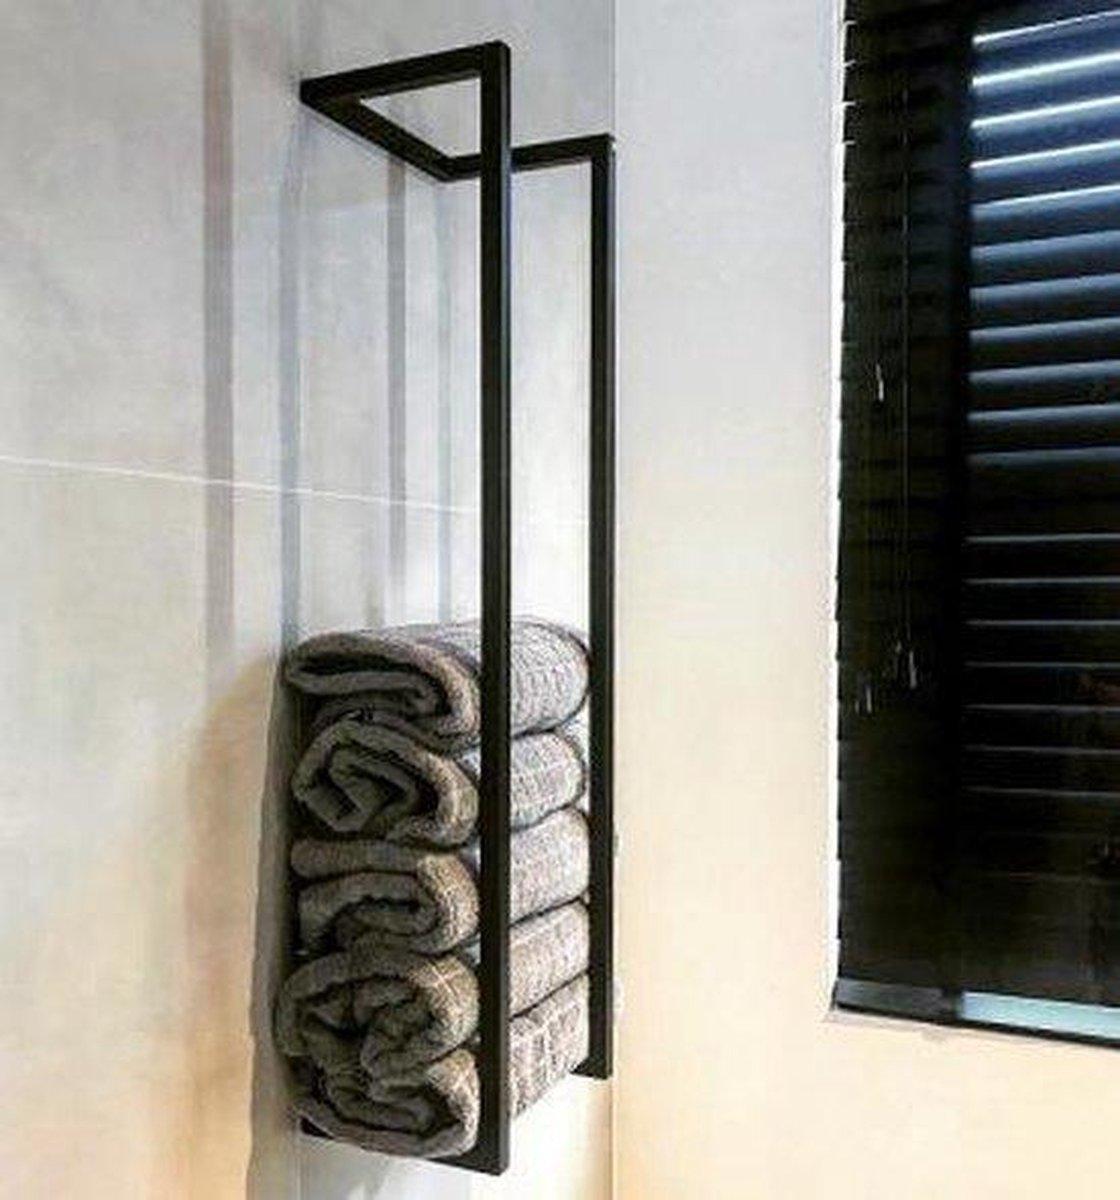 Barnwood Originals - Handdoekenrek Industrieel mat zwart - Handdoekhouder mat zwart - 95x20x25 cm mat zwart metaal